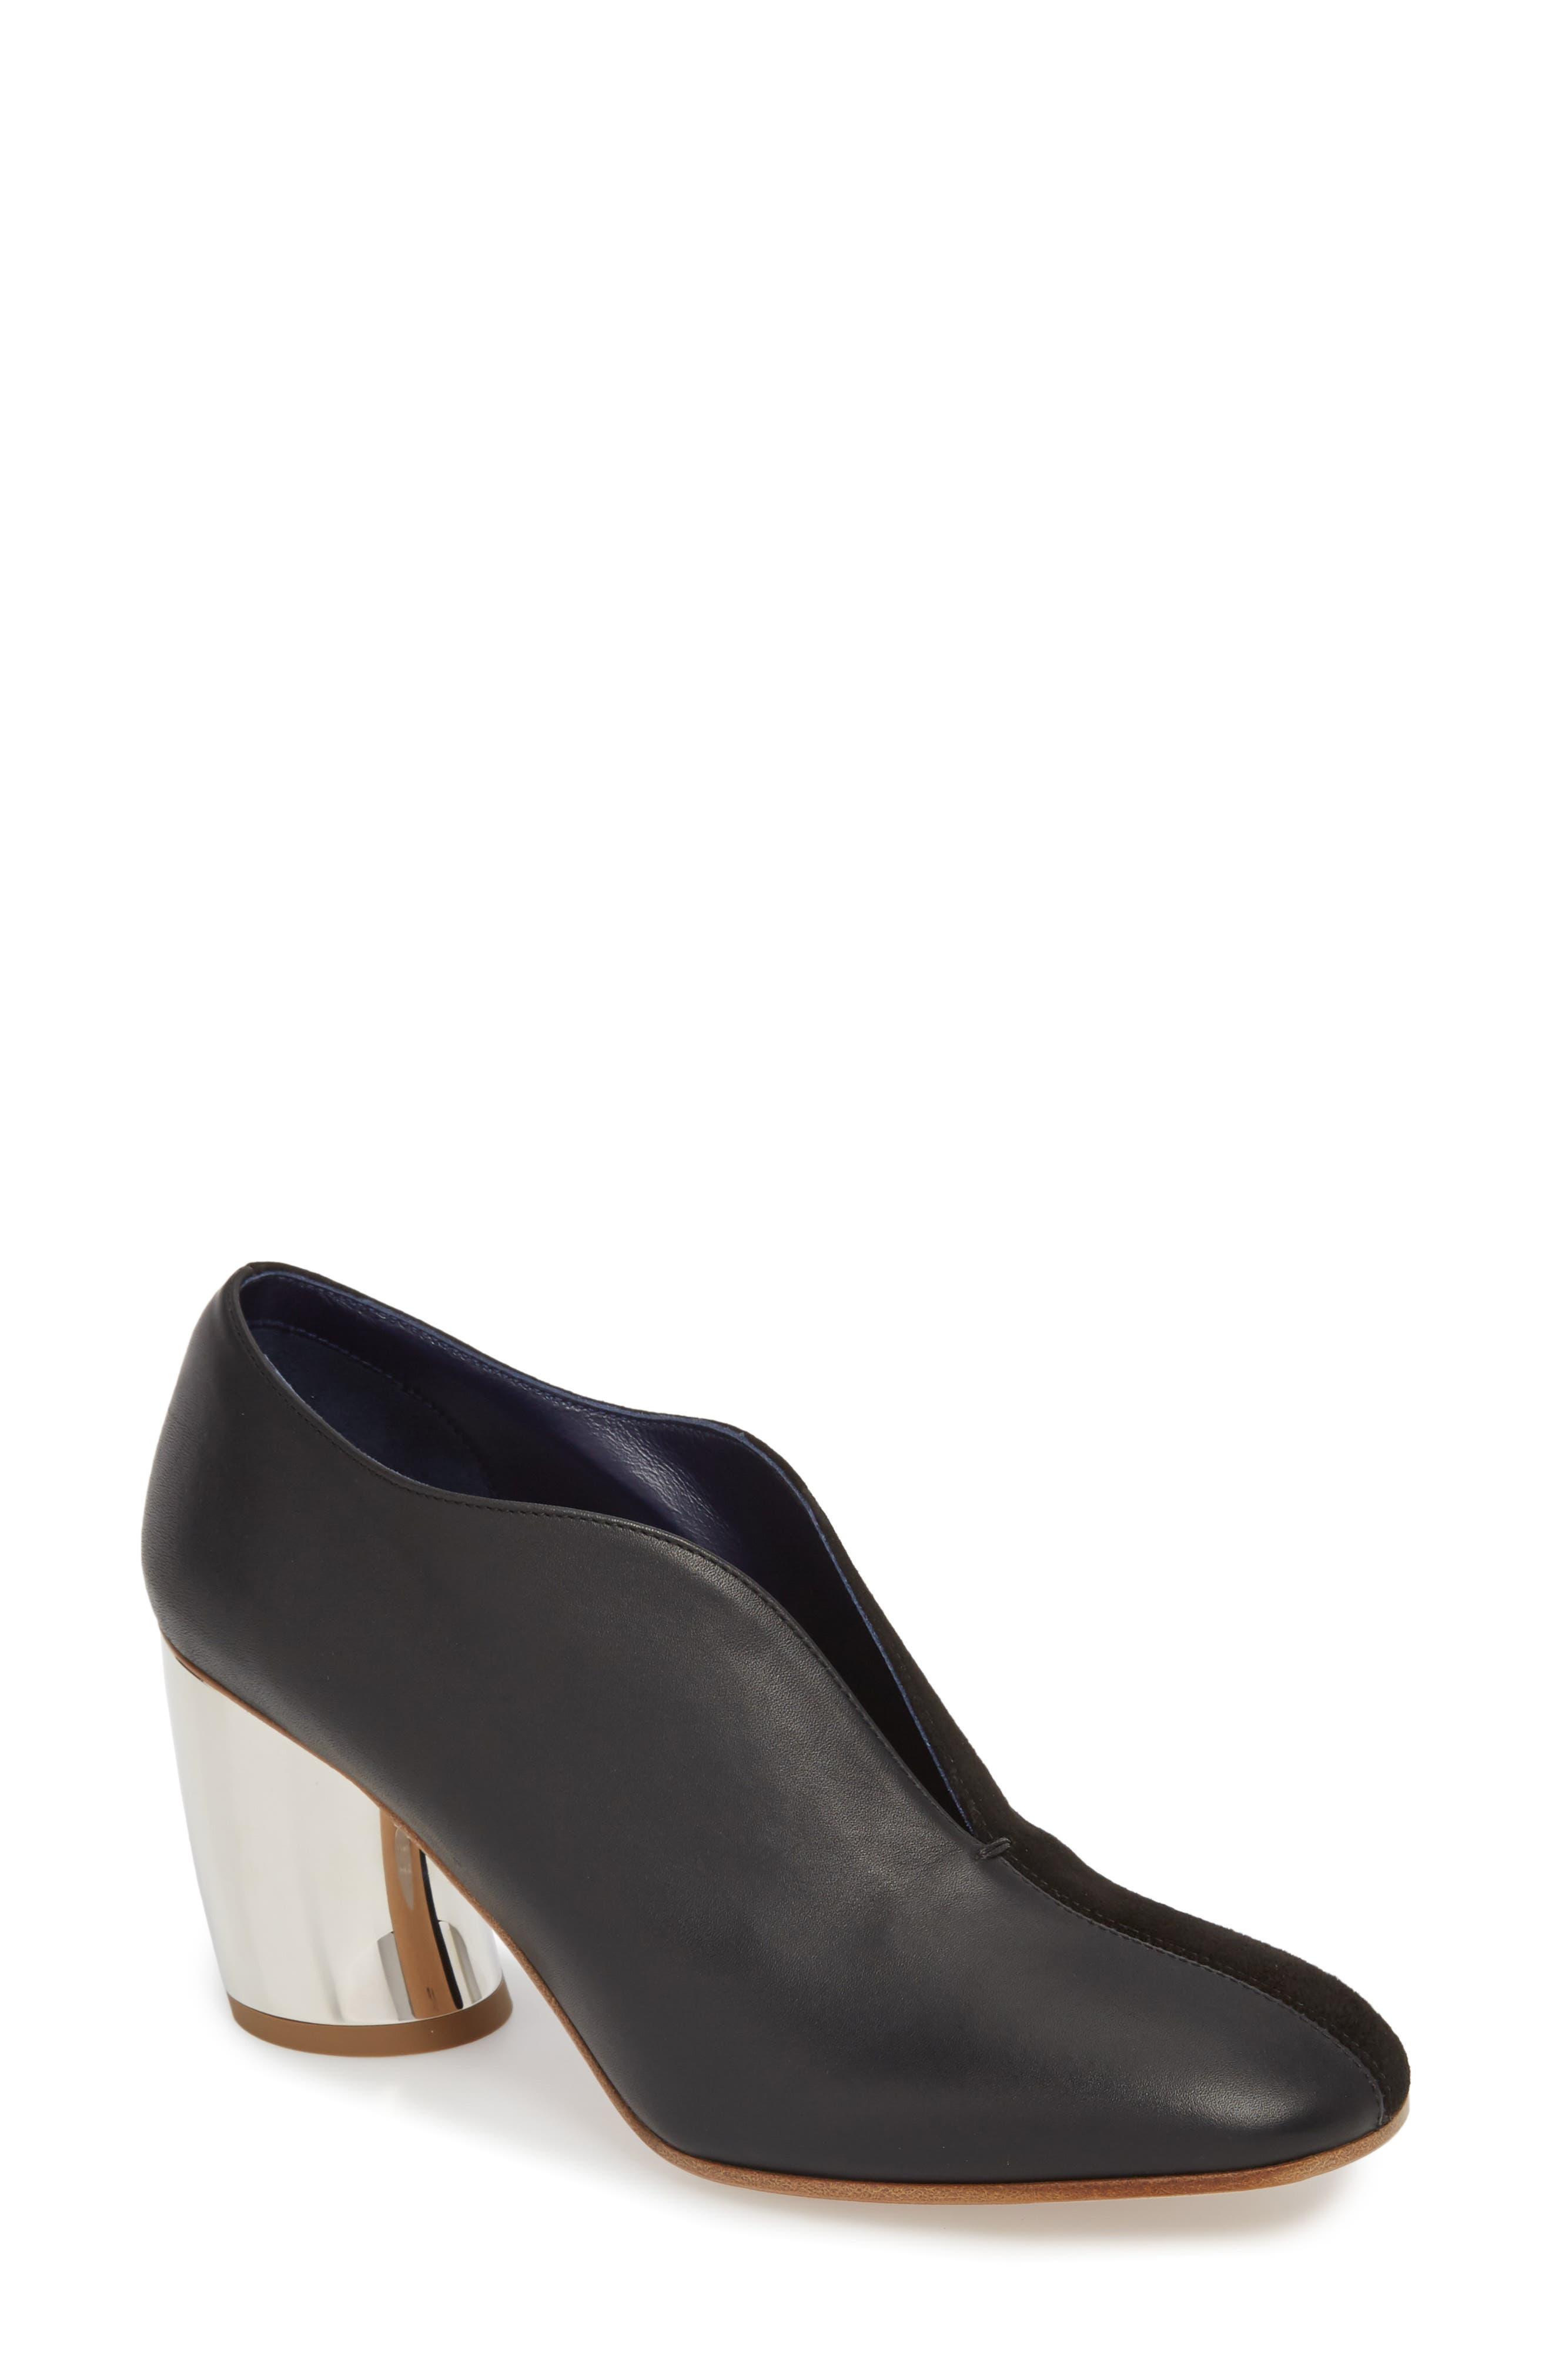 Proenza Schouler Metallic Heel Pump - Black